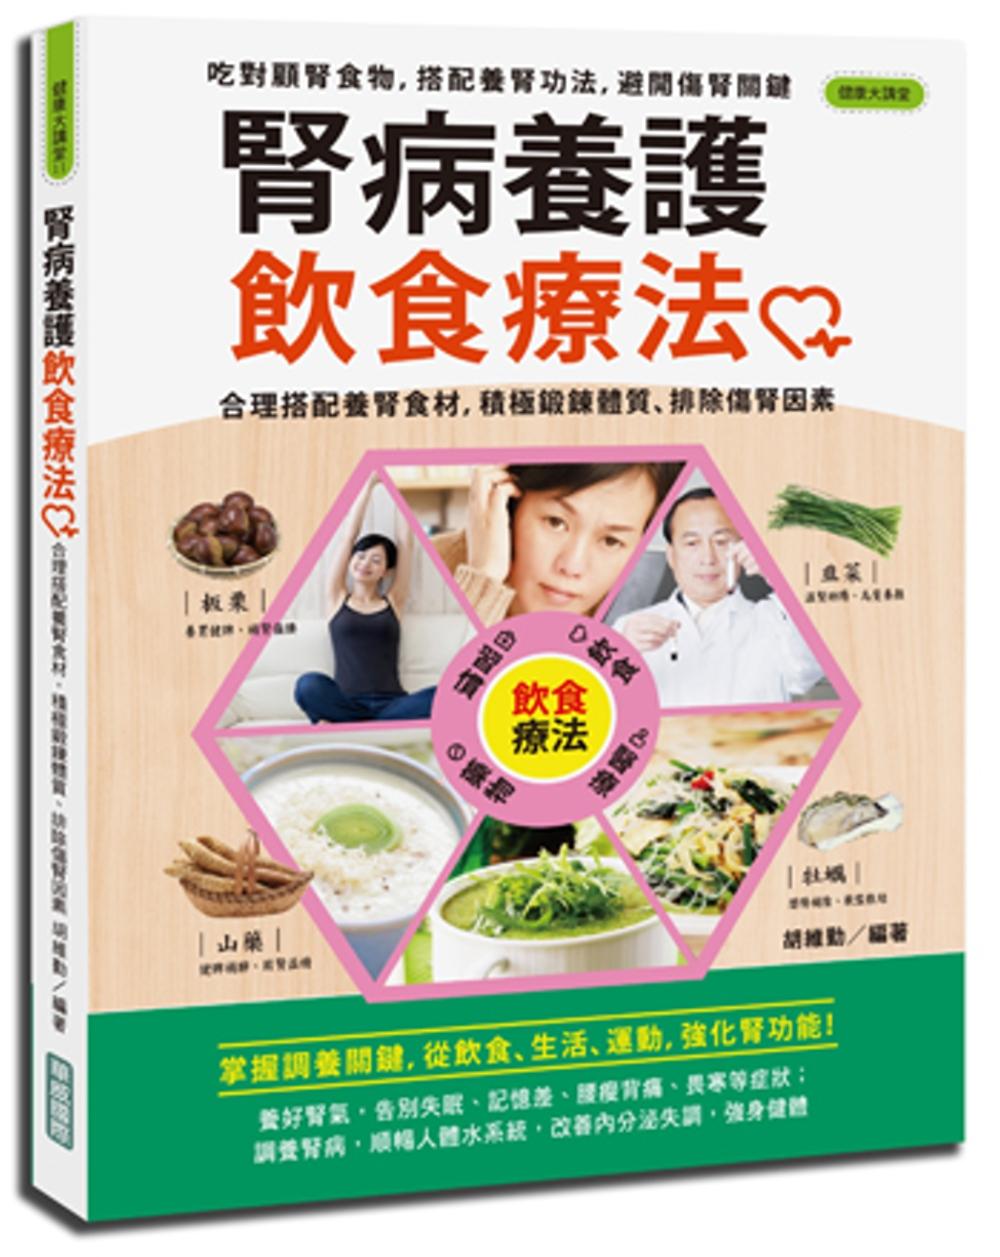 腎病養護飲食療法:合理搭配養腎食材,積極鍛鍊體質、排除傷腎因